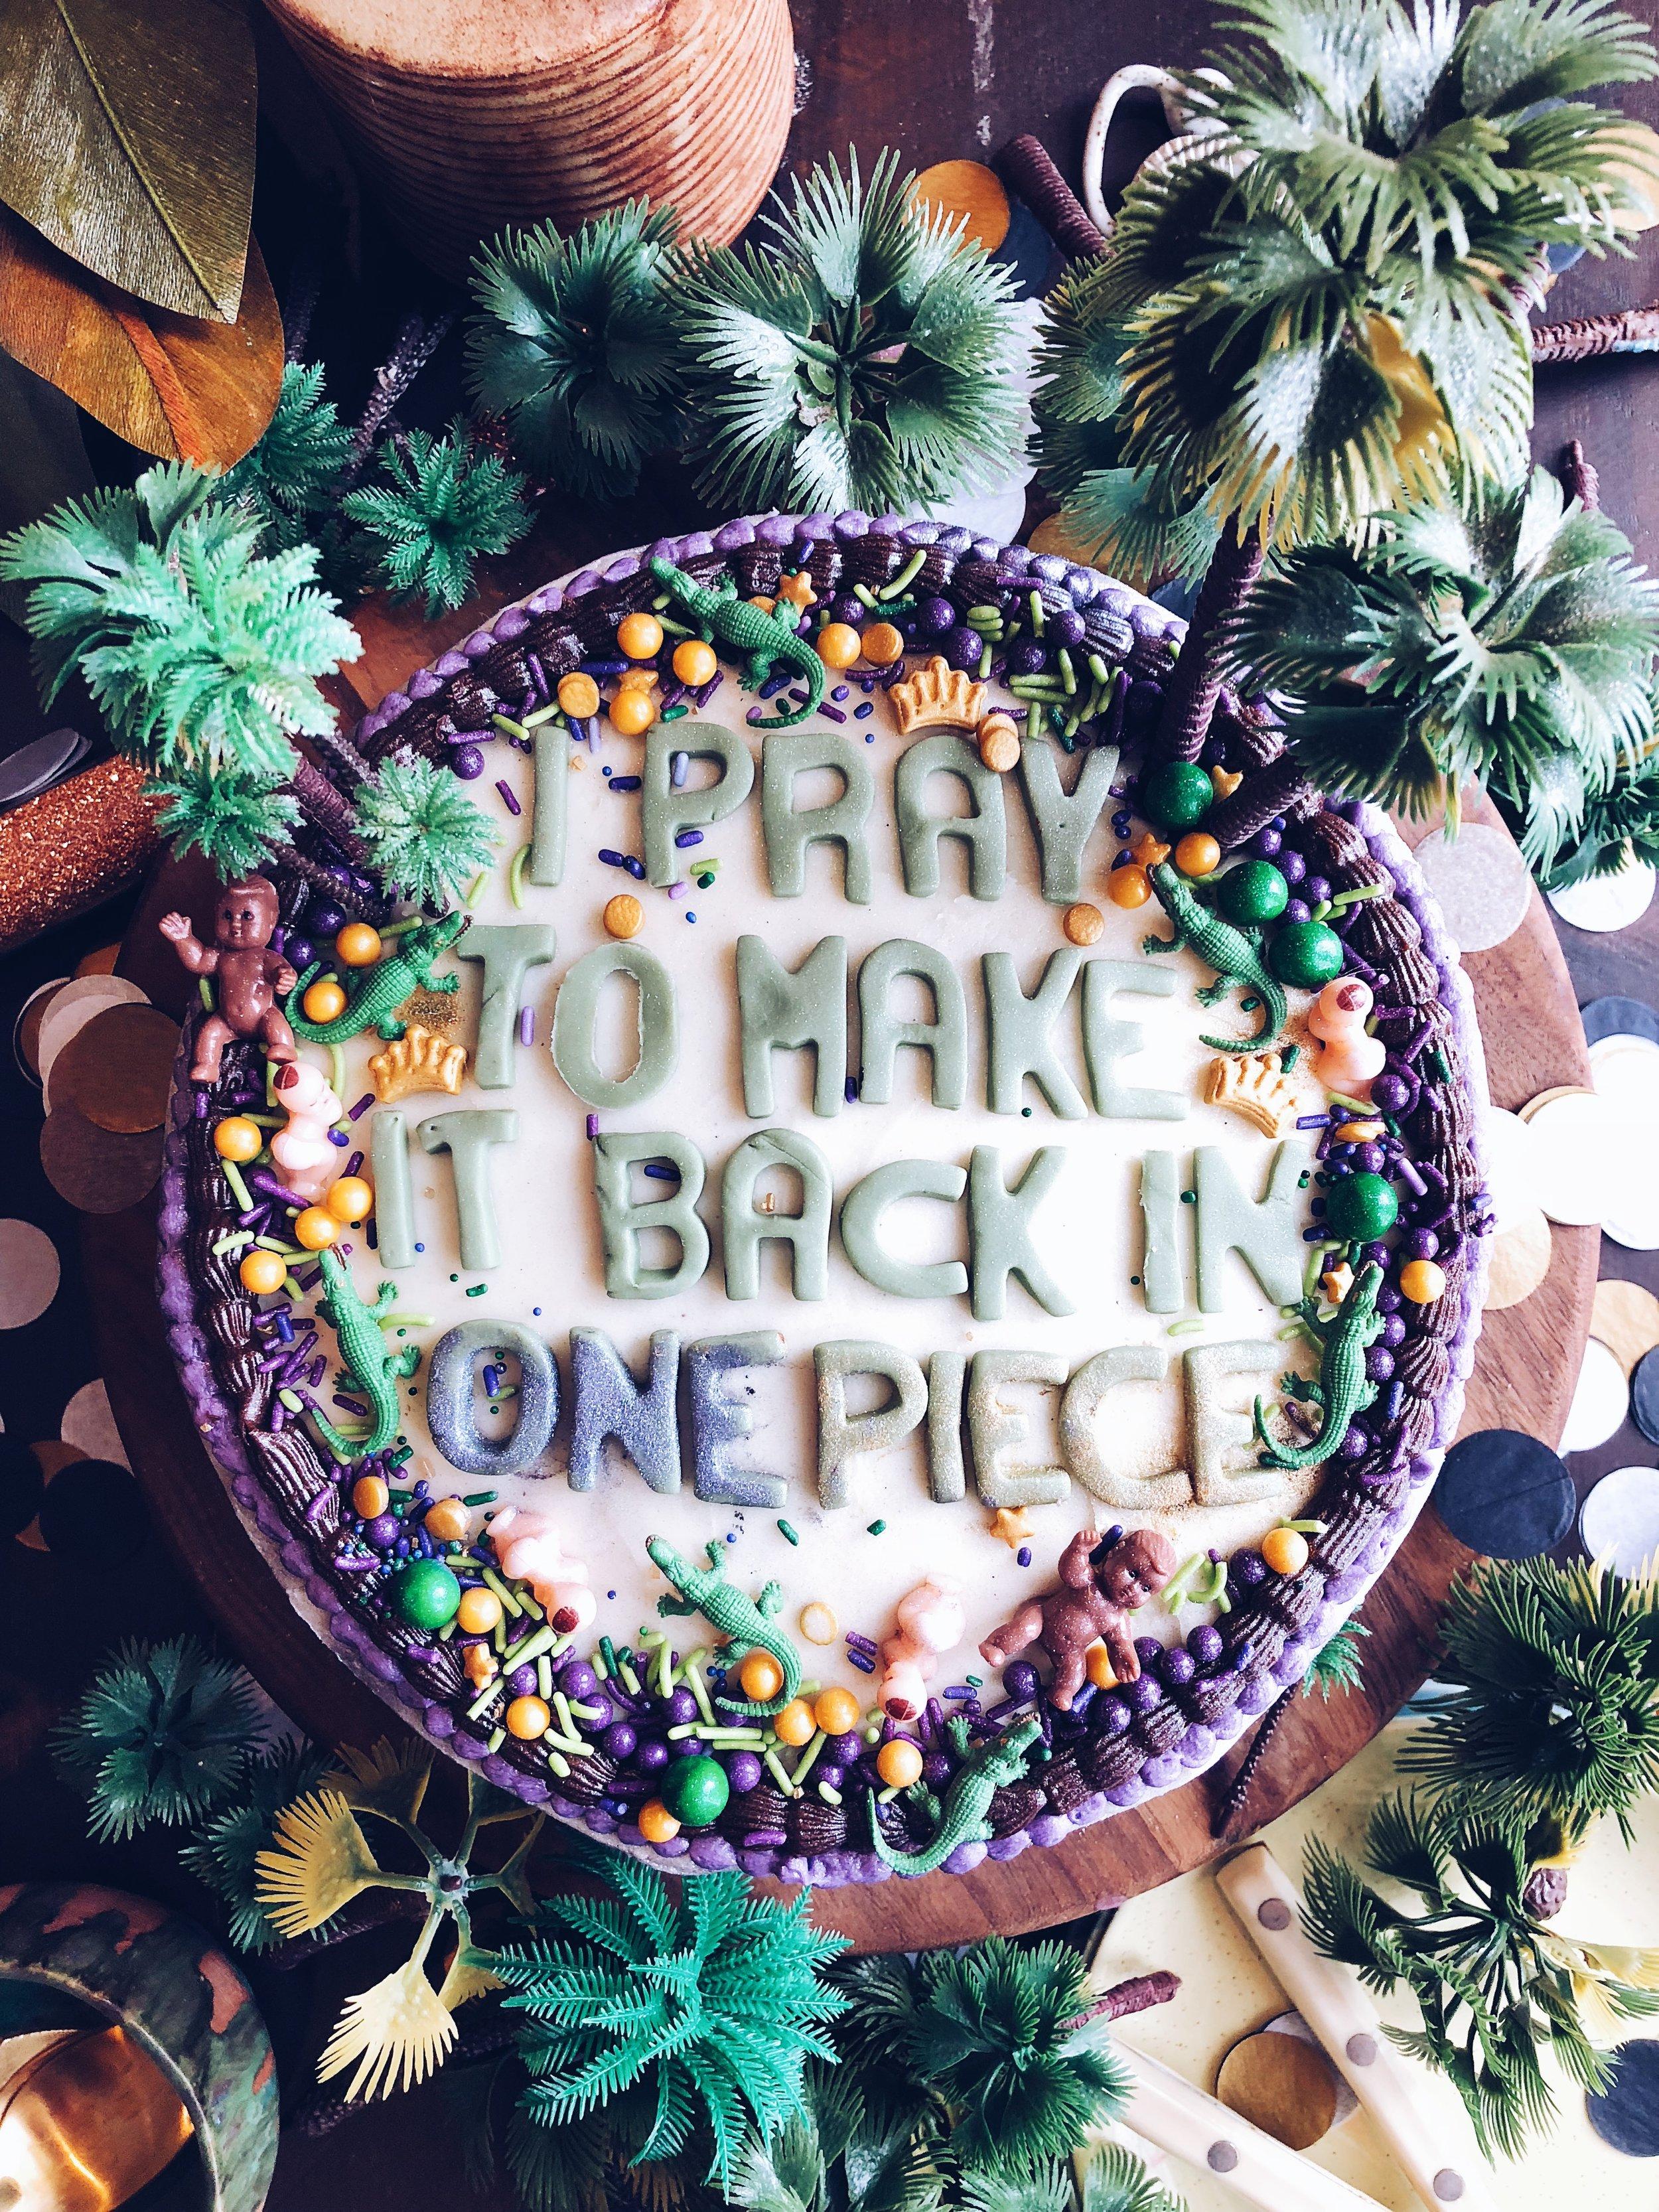 drake on cake i pray